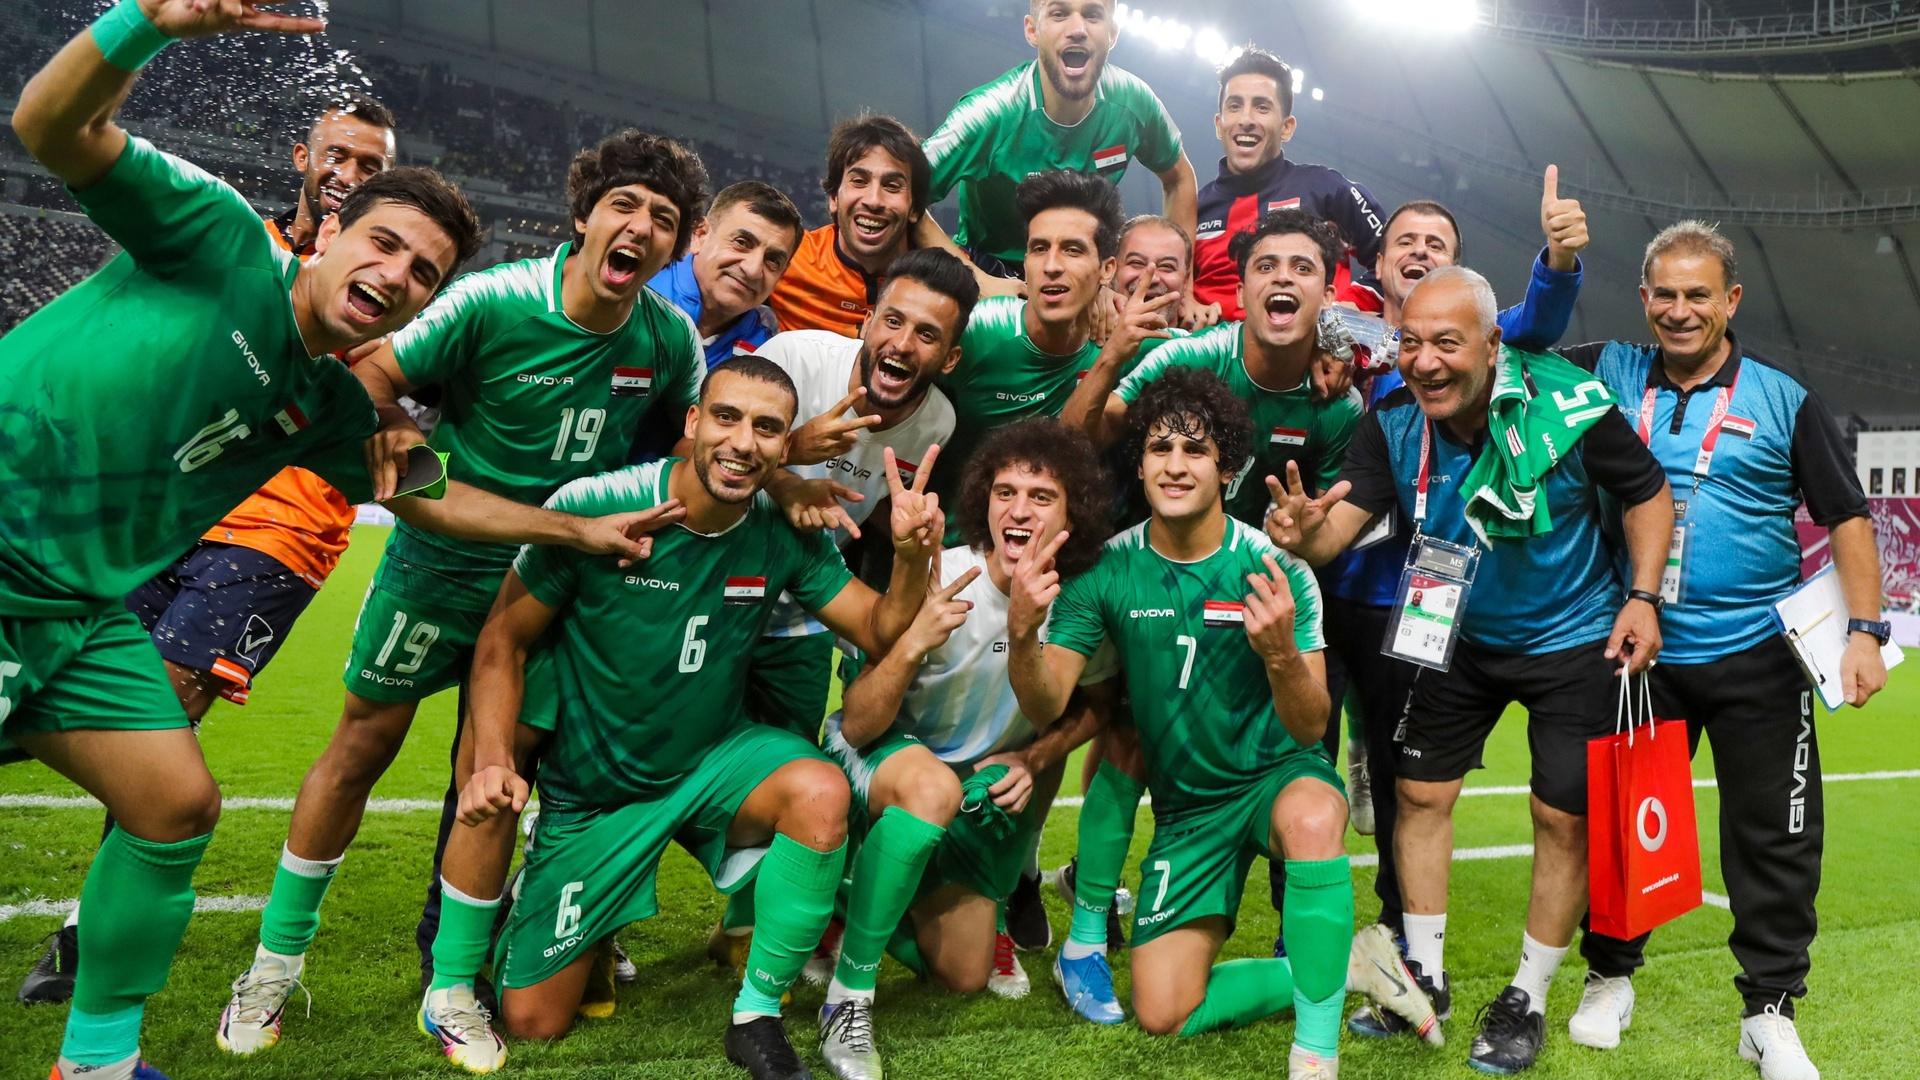 نصف نهائي كأس الخليج.. مدرب المنتخب العراقي: نحن هنا للفوز